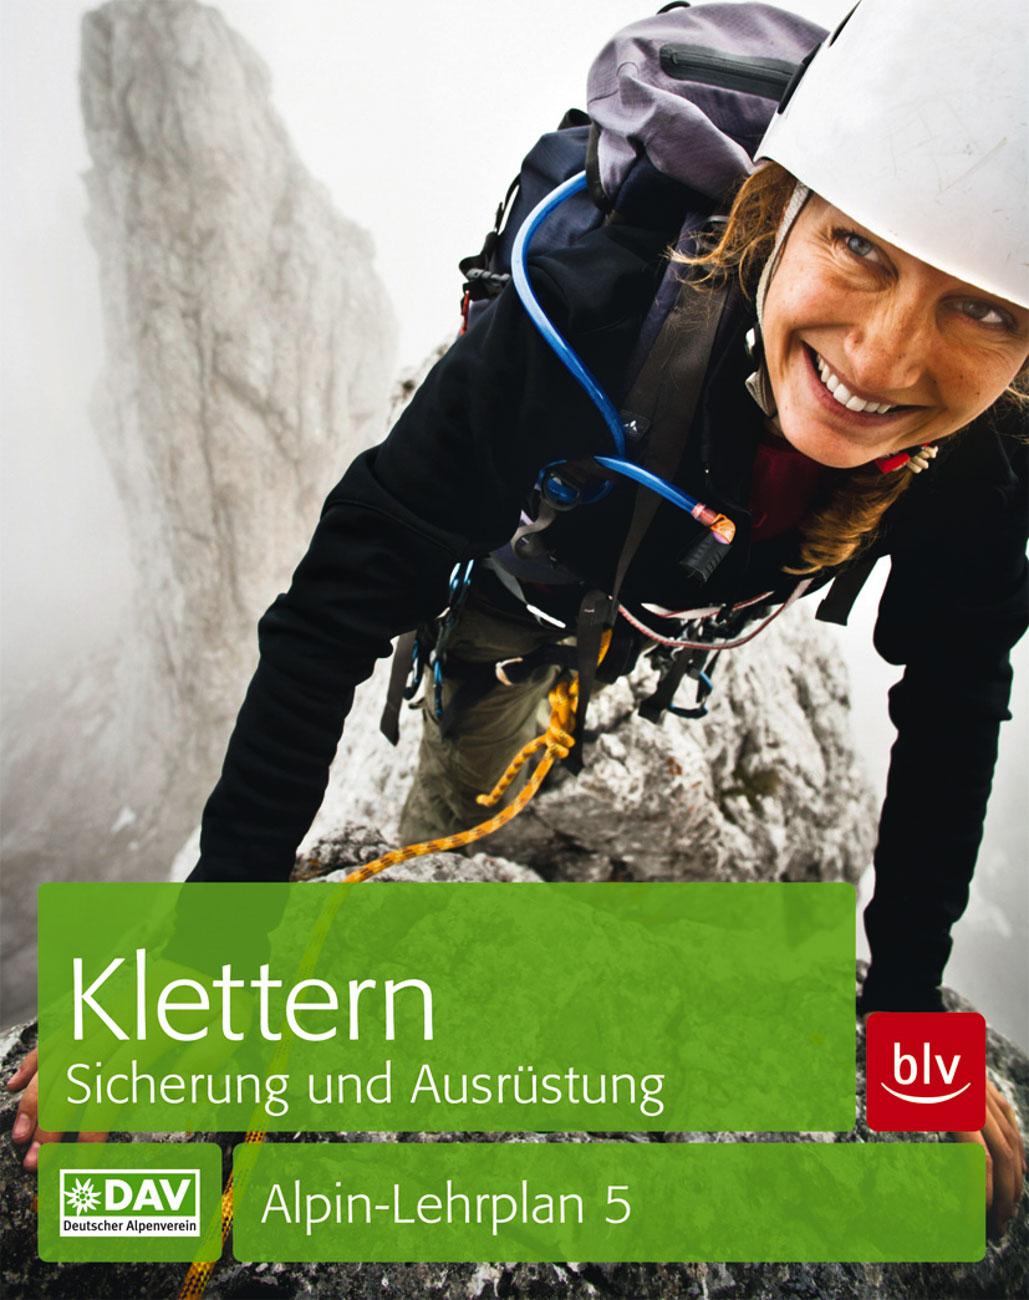 Alpin-Lehrplan 5 Klettern – Sicherung und Ausrüstung